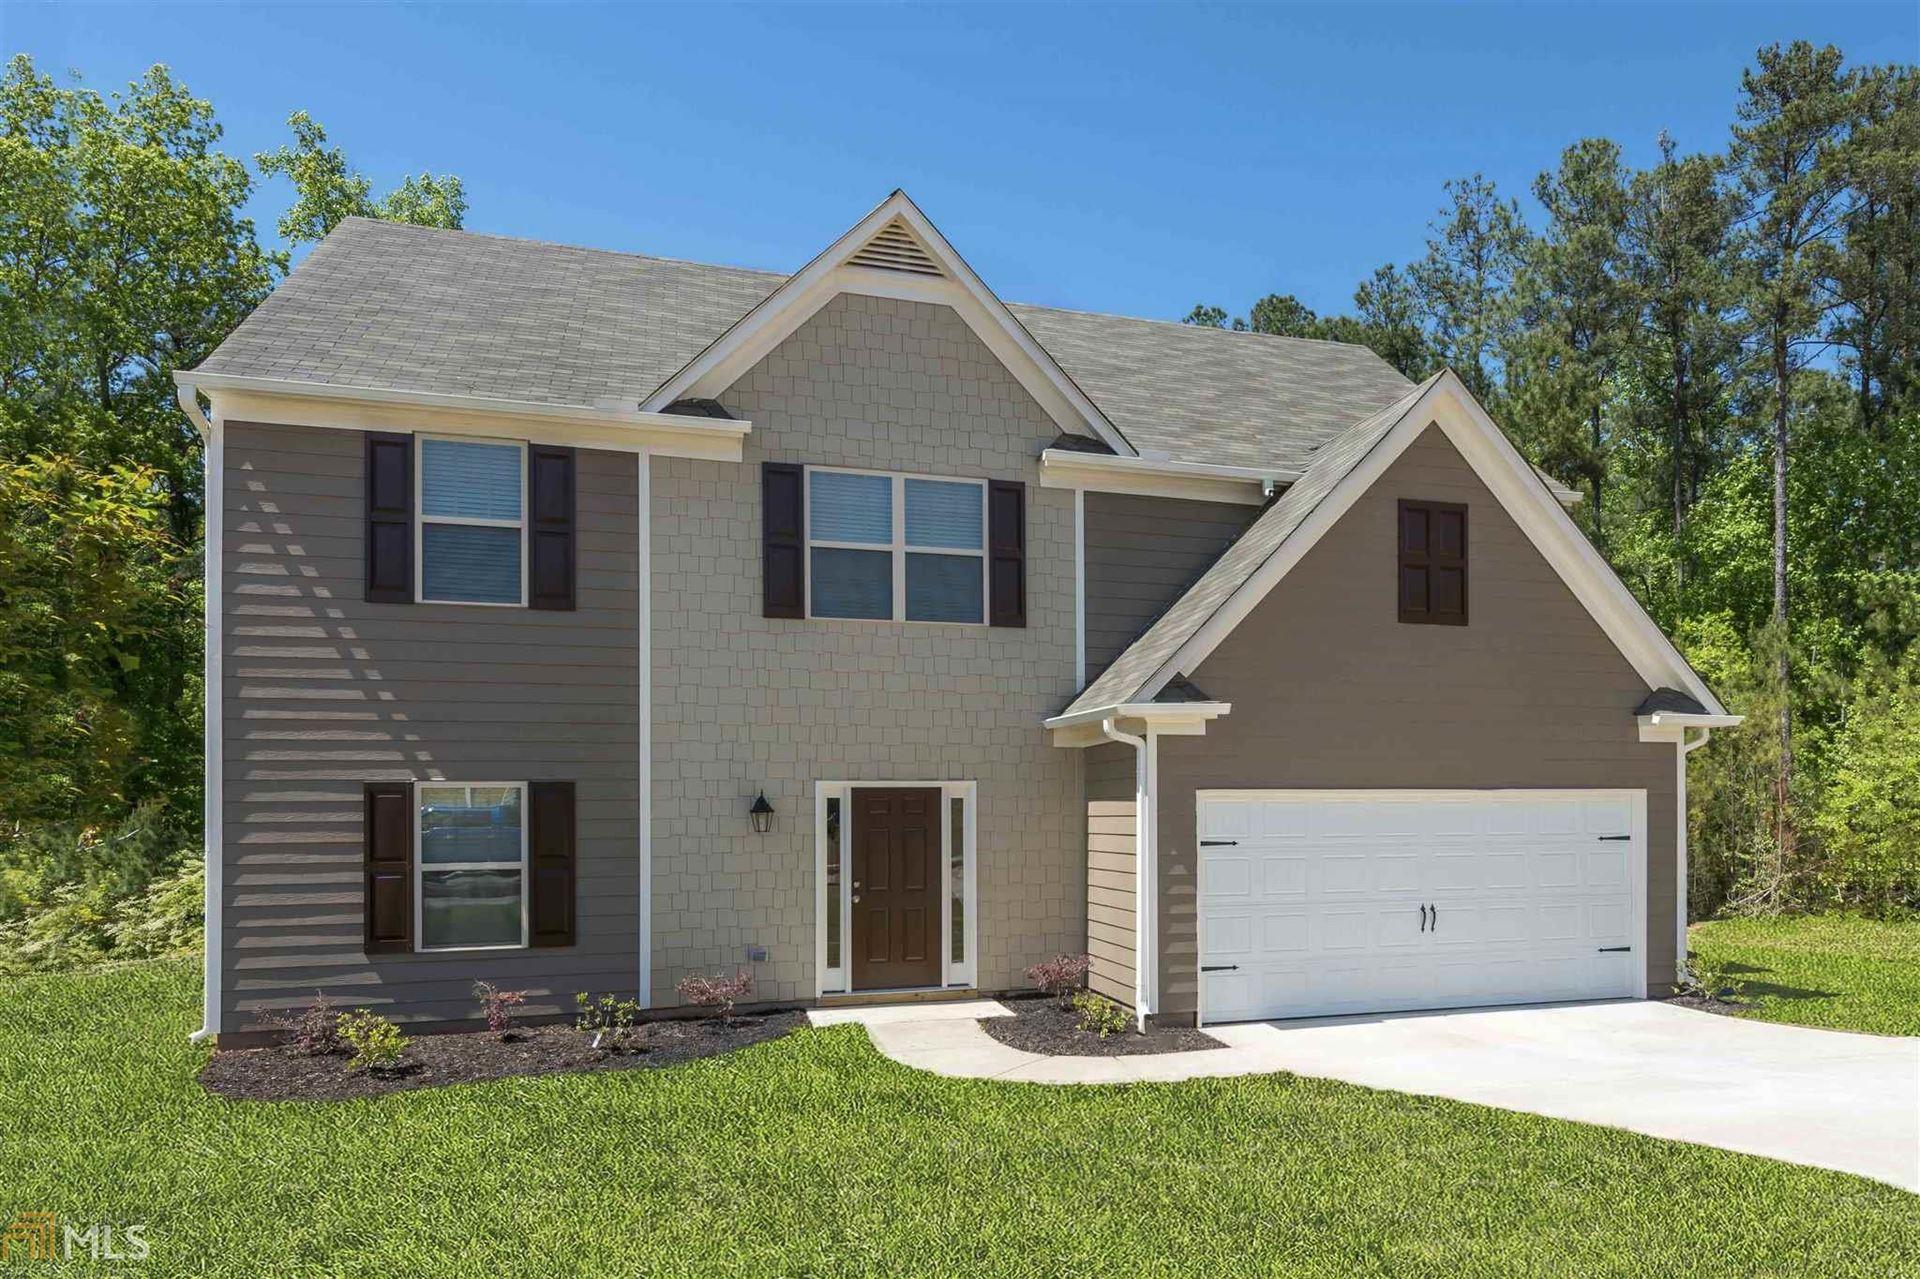 127 Innis Brook Cir, Cartersville, GA 30120 - MLS#: 8906789